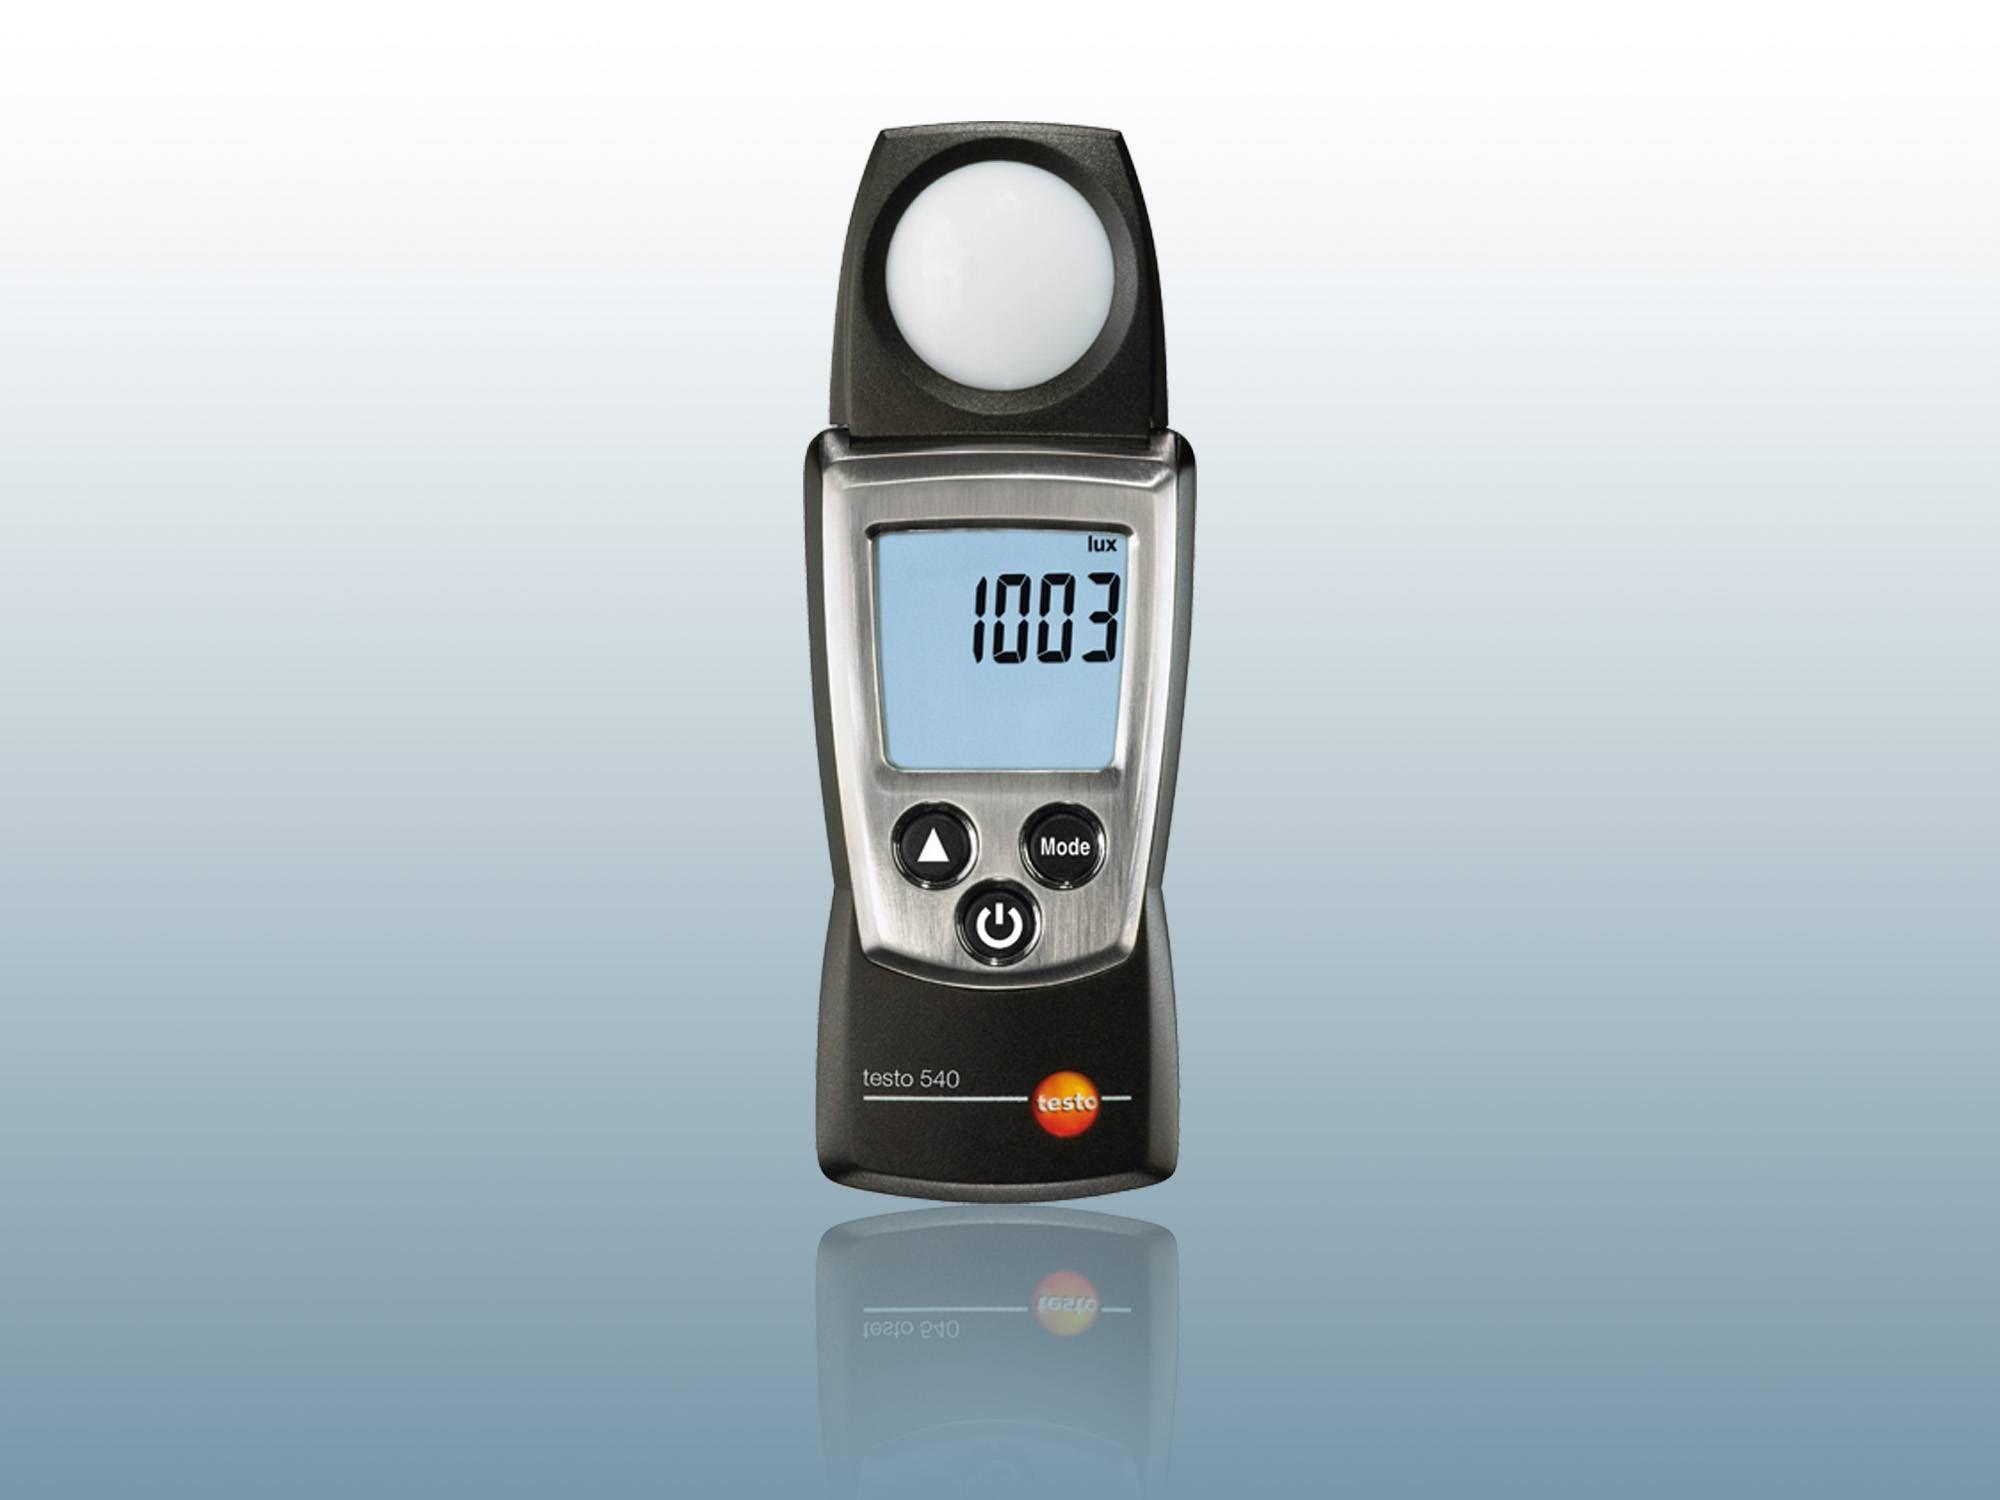 Luxómetros / Medición de la intensidad de la luz